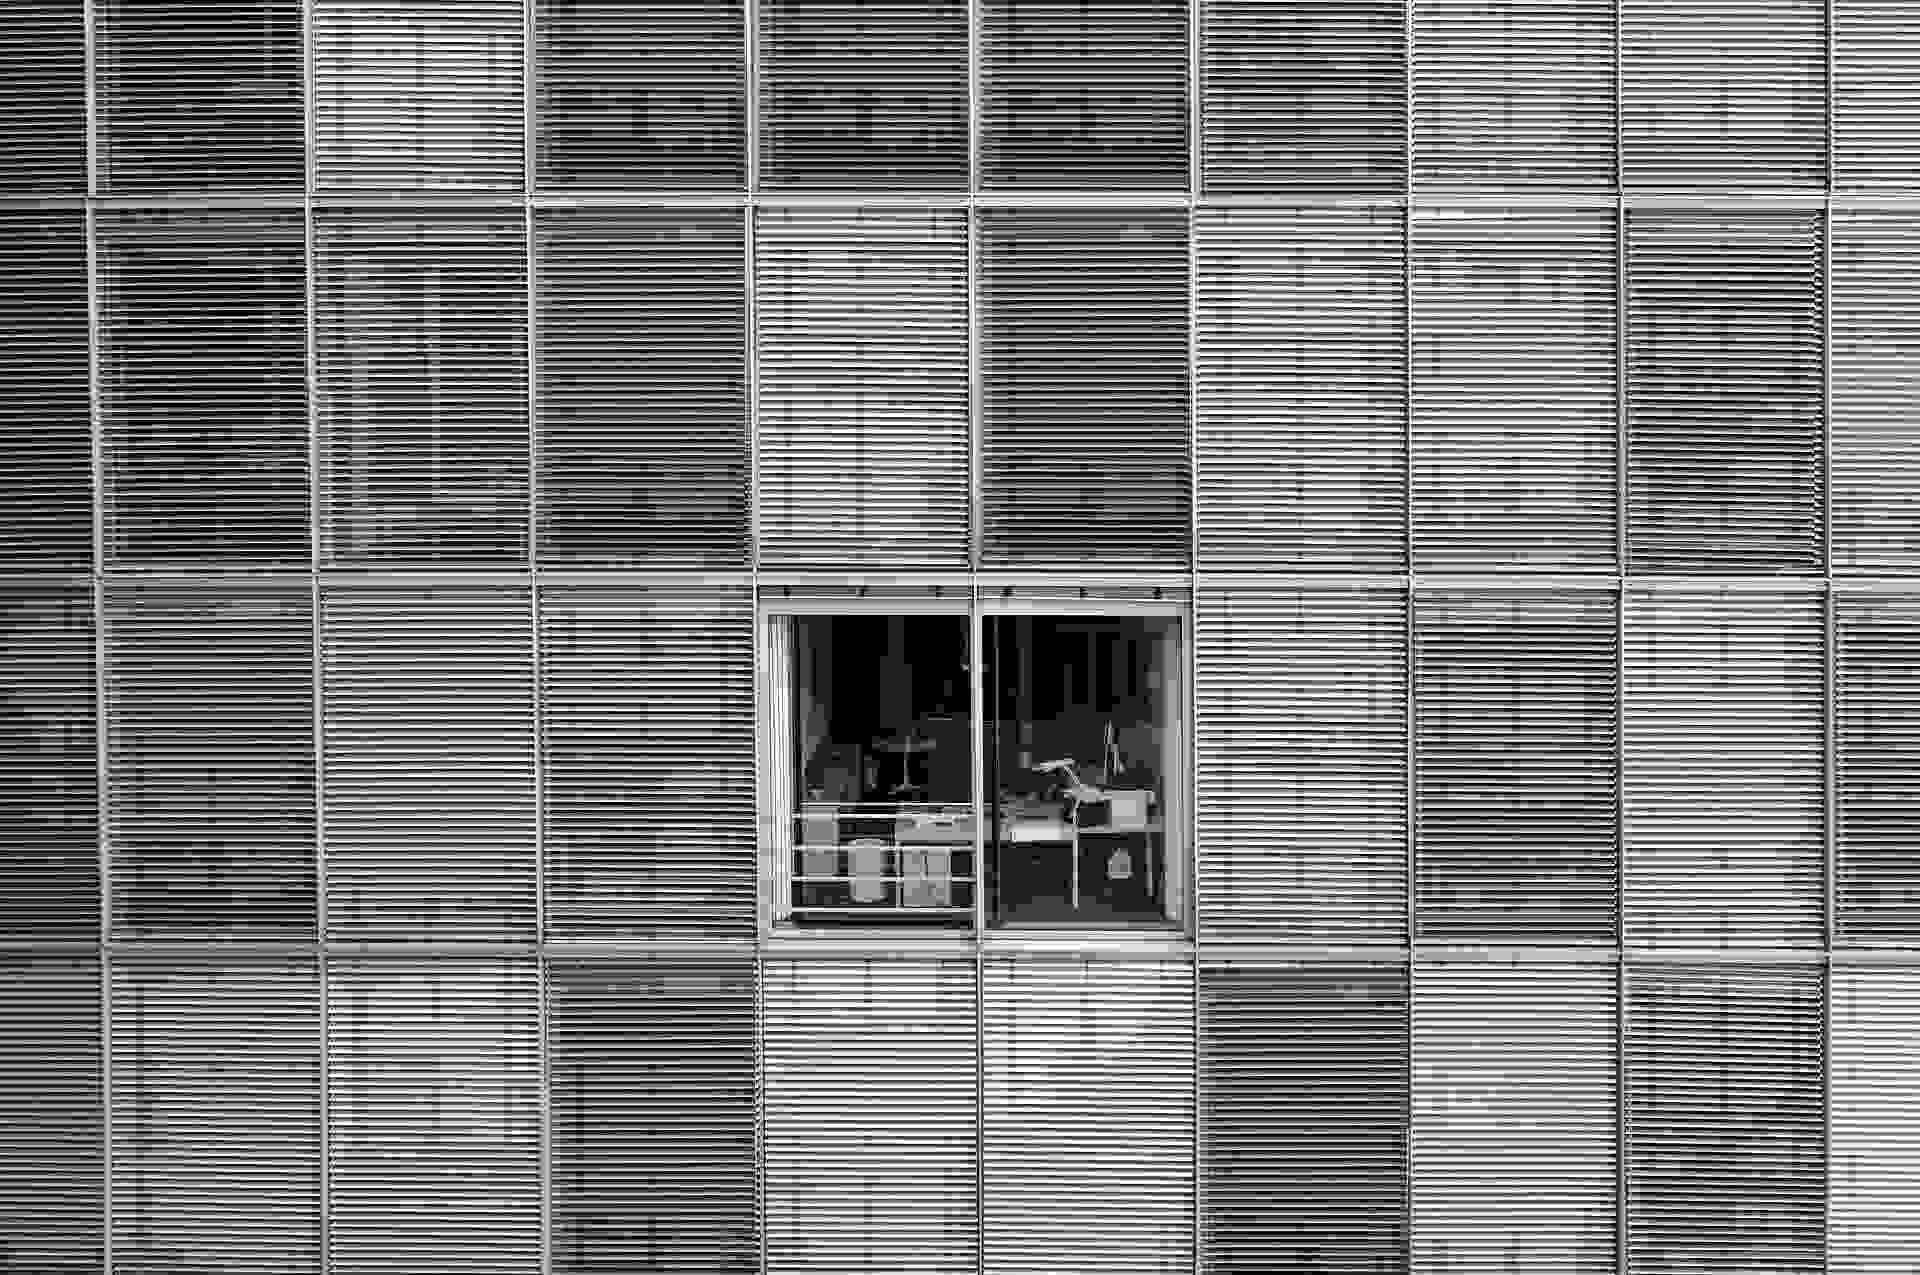 Fachada de um prédio com apenas uma janela a vista